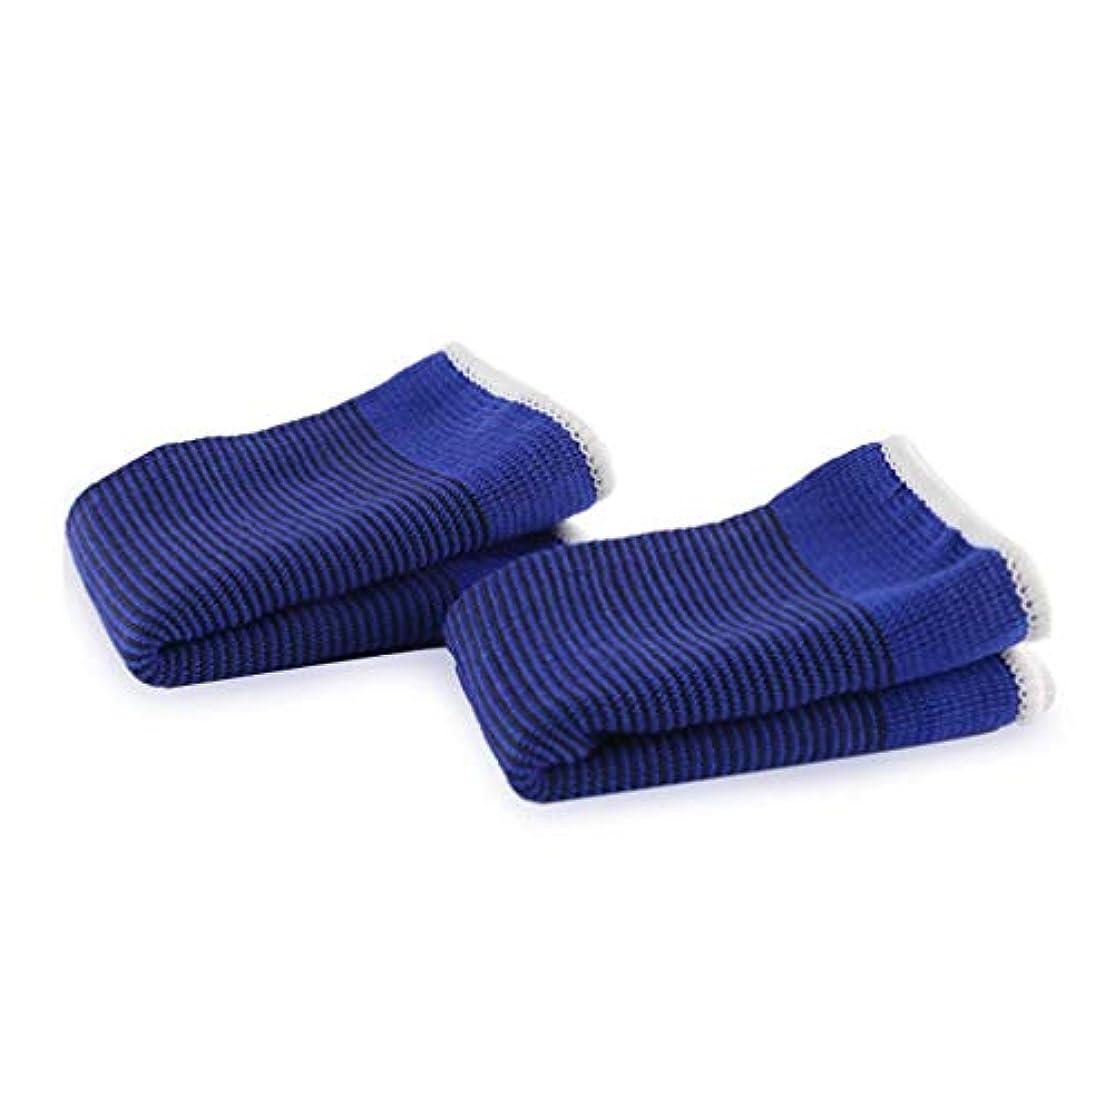 弓ベリーうまくいけば柔らかい滑り止めのスポーツの男性の女性の大人の膝パッドはバスケボールを防ぎます-Rustle666